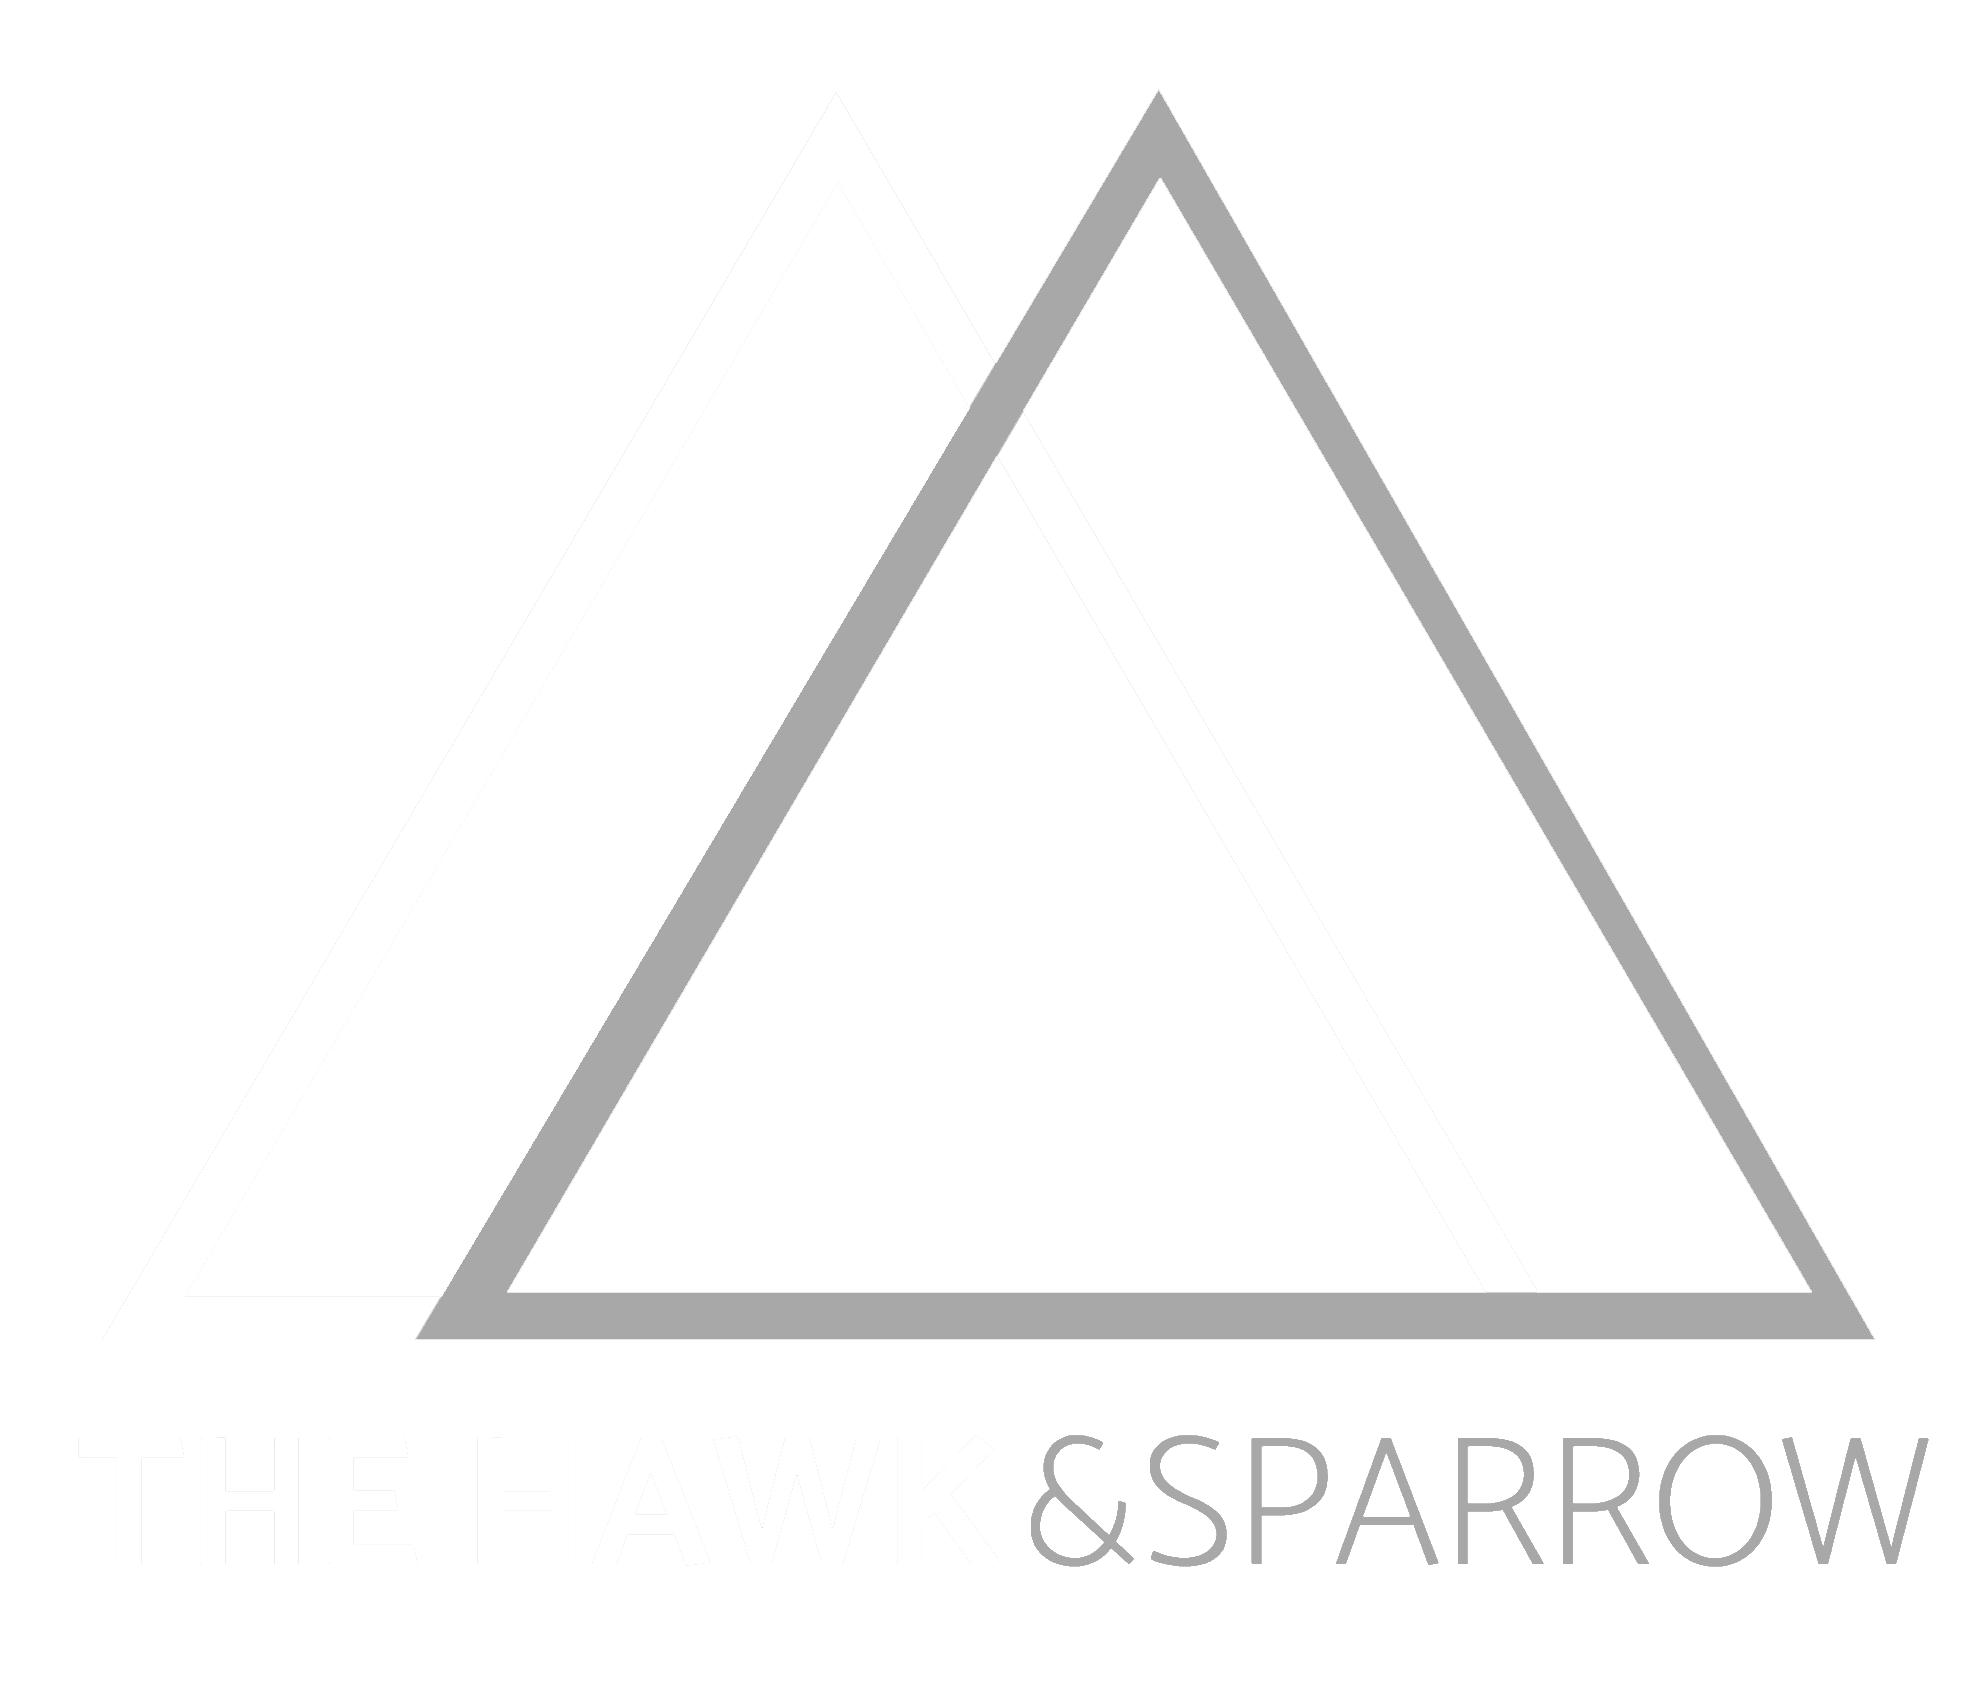 The Hawk & Sparrow